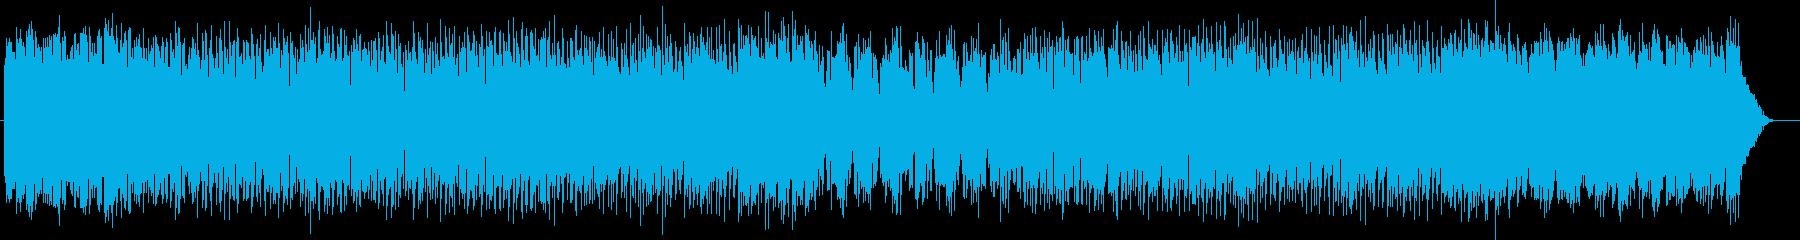 メルヘンチックなシンセポップスの再生済みの波形